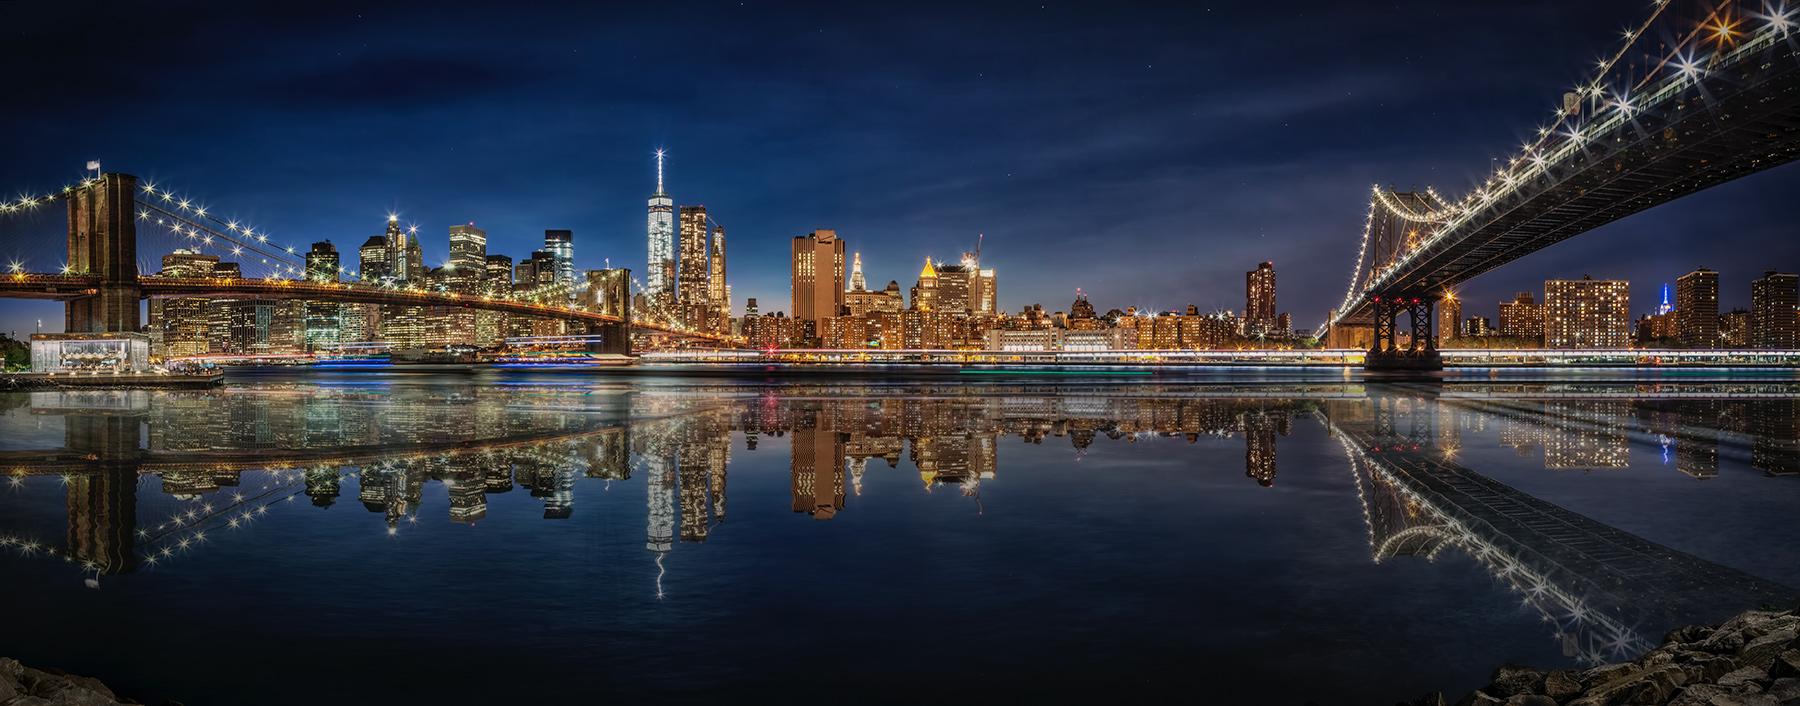 new_york_city_panorama_dumbo_brooklyn_bridges_stunning_1800px